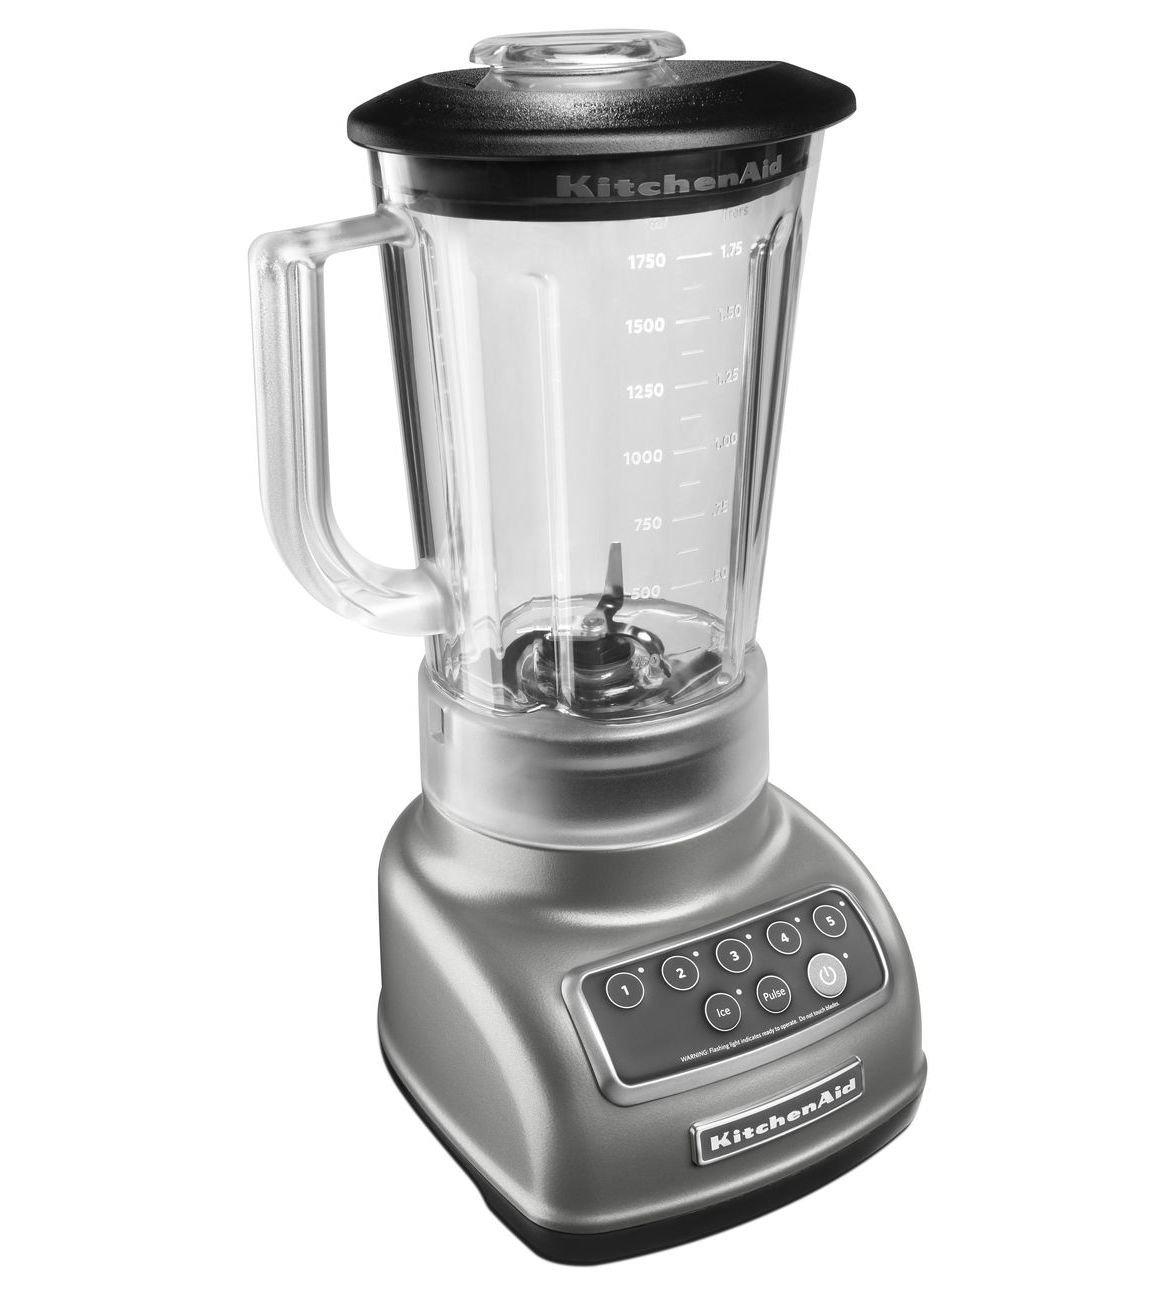 Best blender for smoothies 2018 for Think kitchen ultimate pro blender